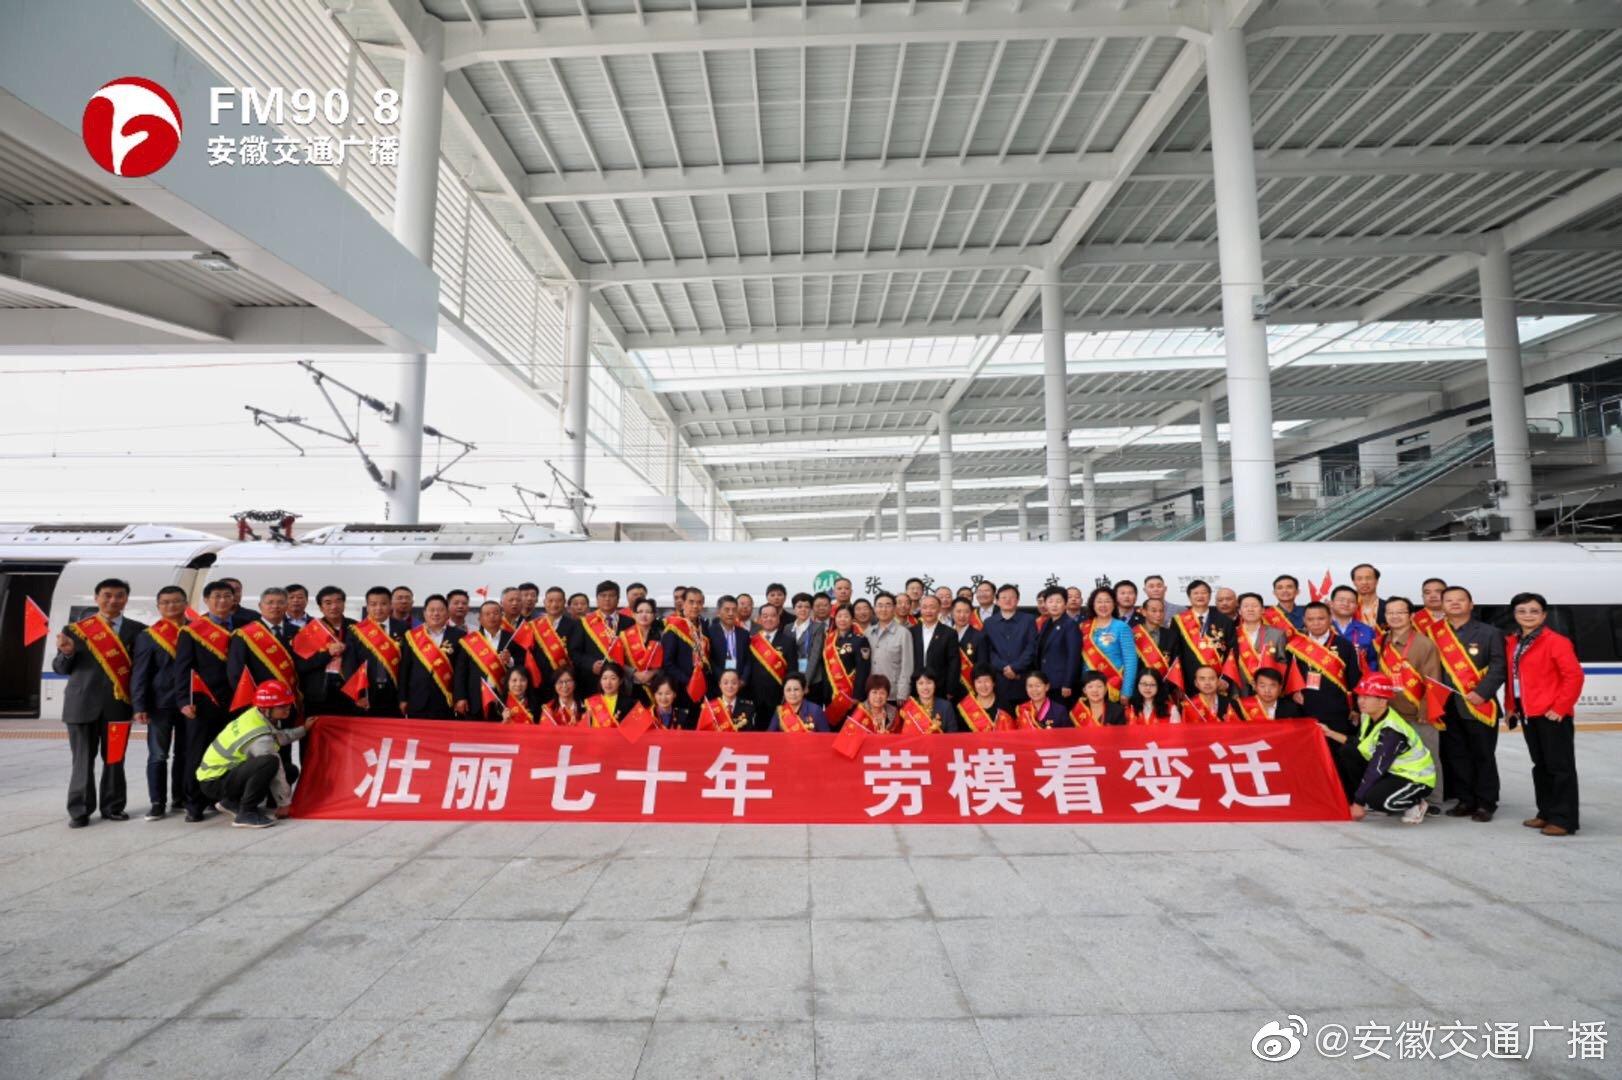 今天上午8点,全省70位全国劳模、省劳模从合肥南站出发